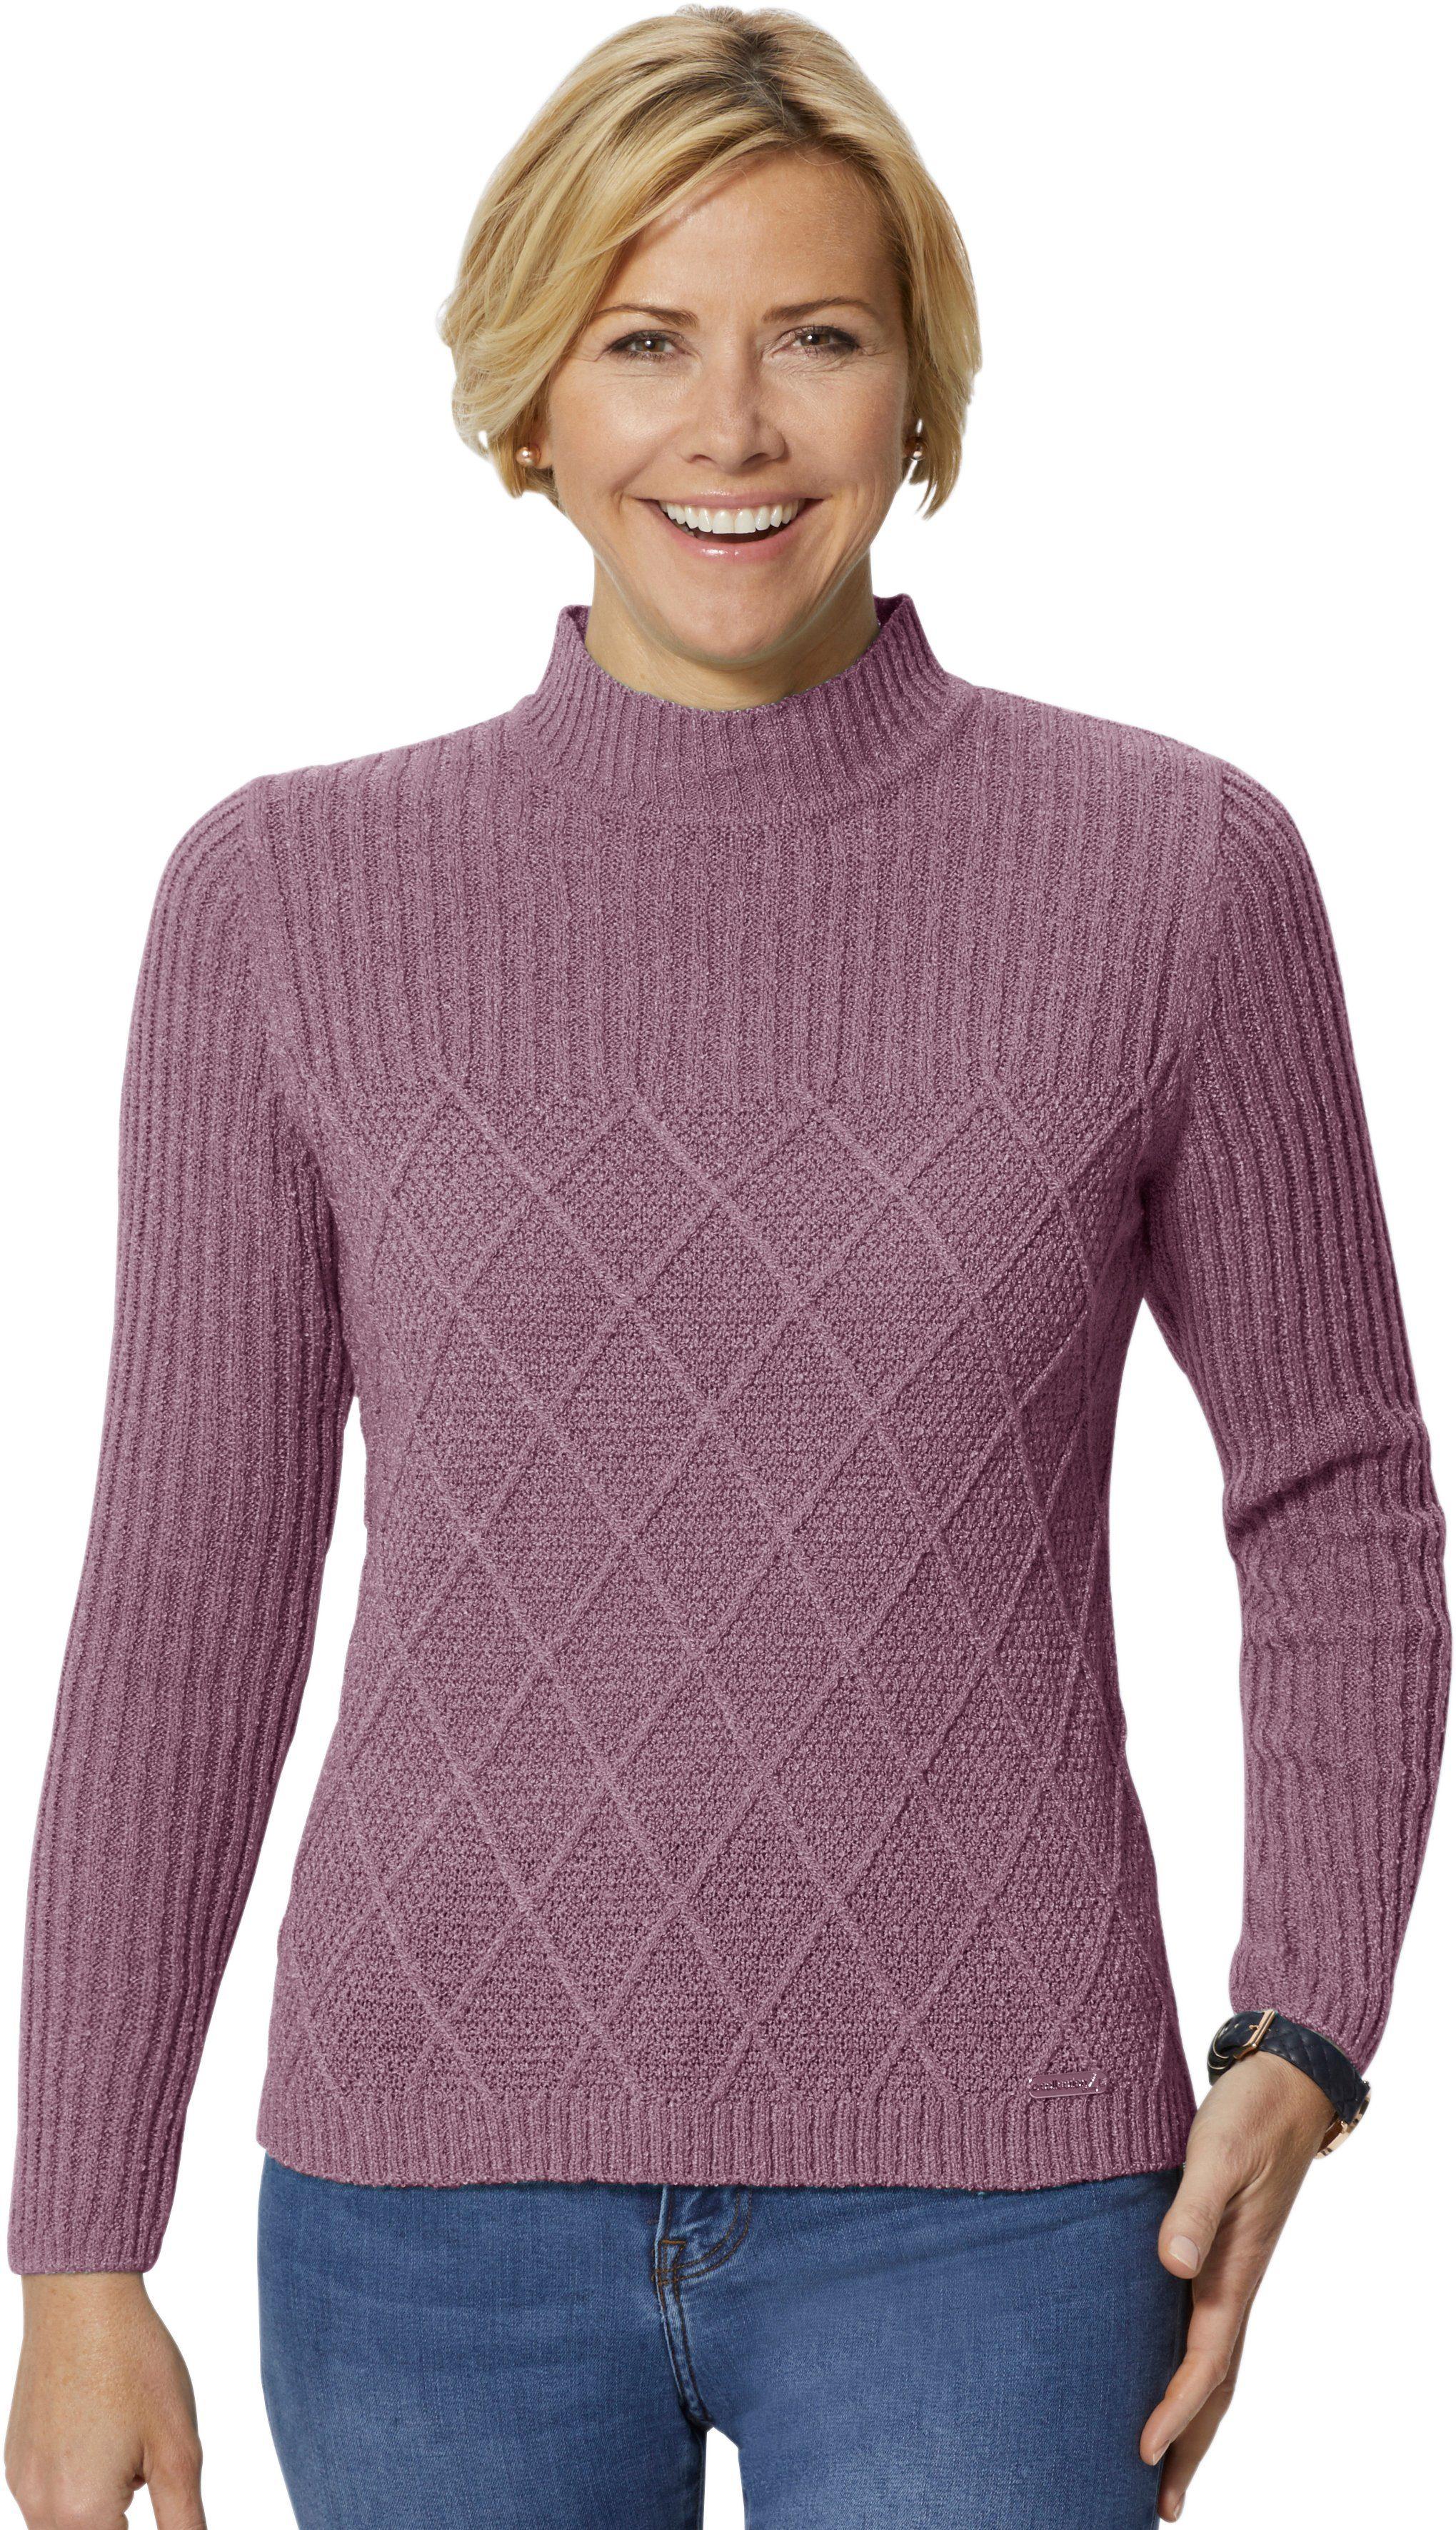 Strickmuster Im Online Casual Rautendessin Apartem Looks Mit Kaufen Pullover O8wPNnXZ0k